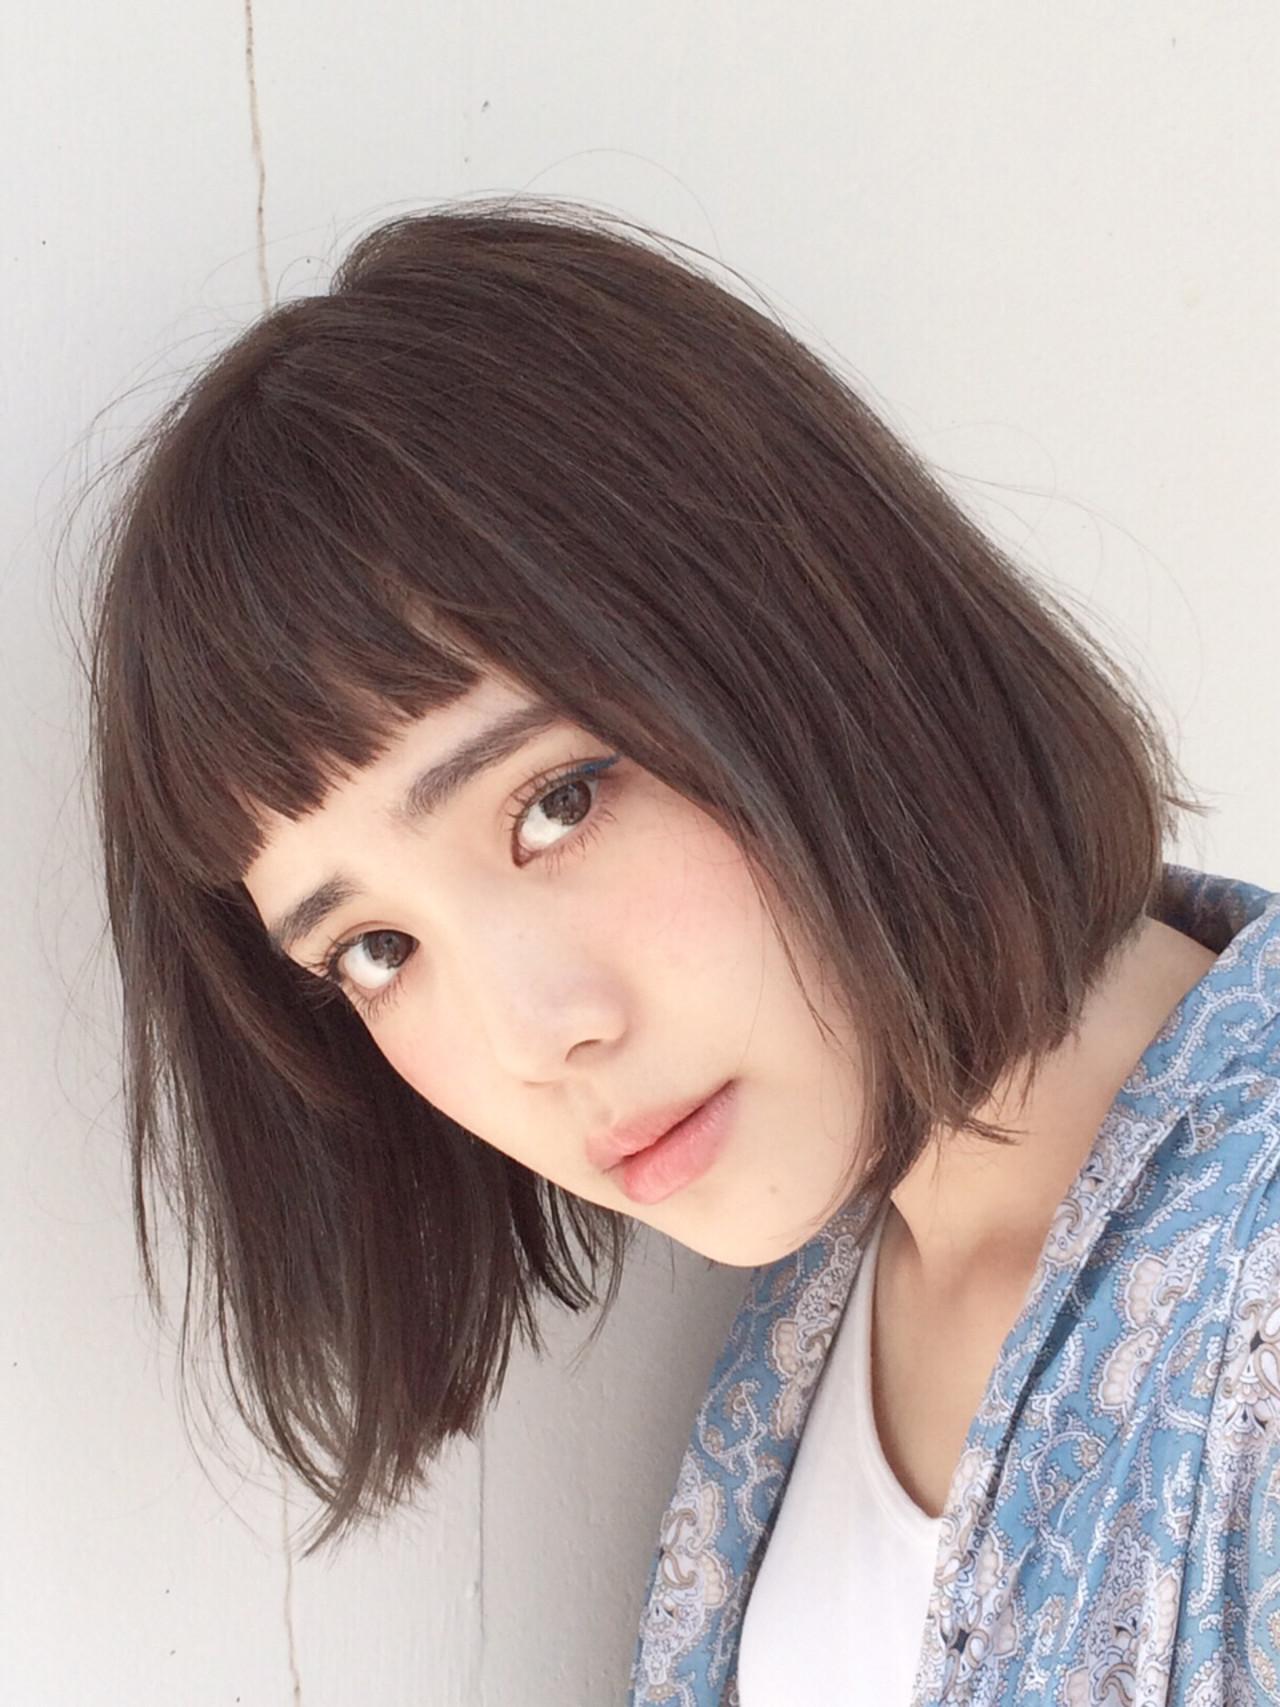 前髪でなりたい自分に!前髪の種類別にスタイルをチェックしてなりたい自分に♡ 馬橋達佳